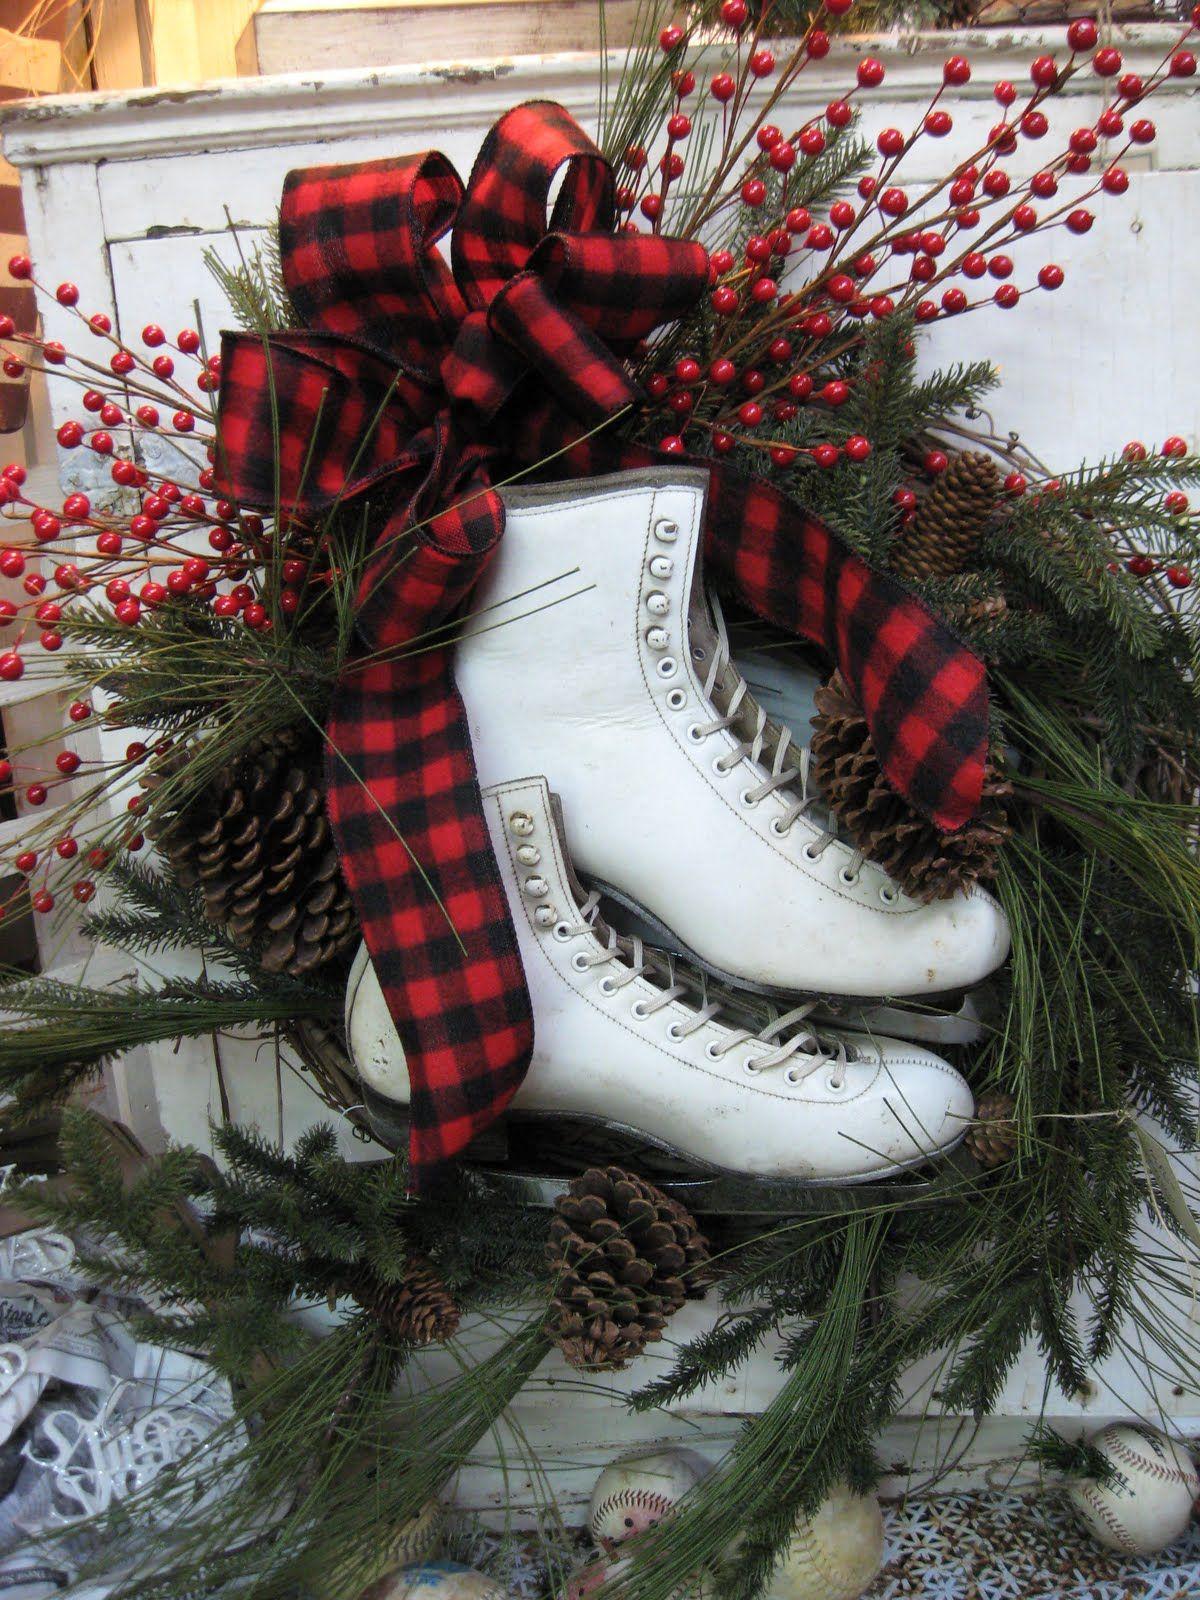 Originales ideas para decorar en navidad en navidad for Ideas originales para decorar en navidad